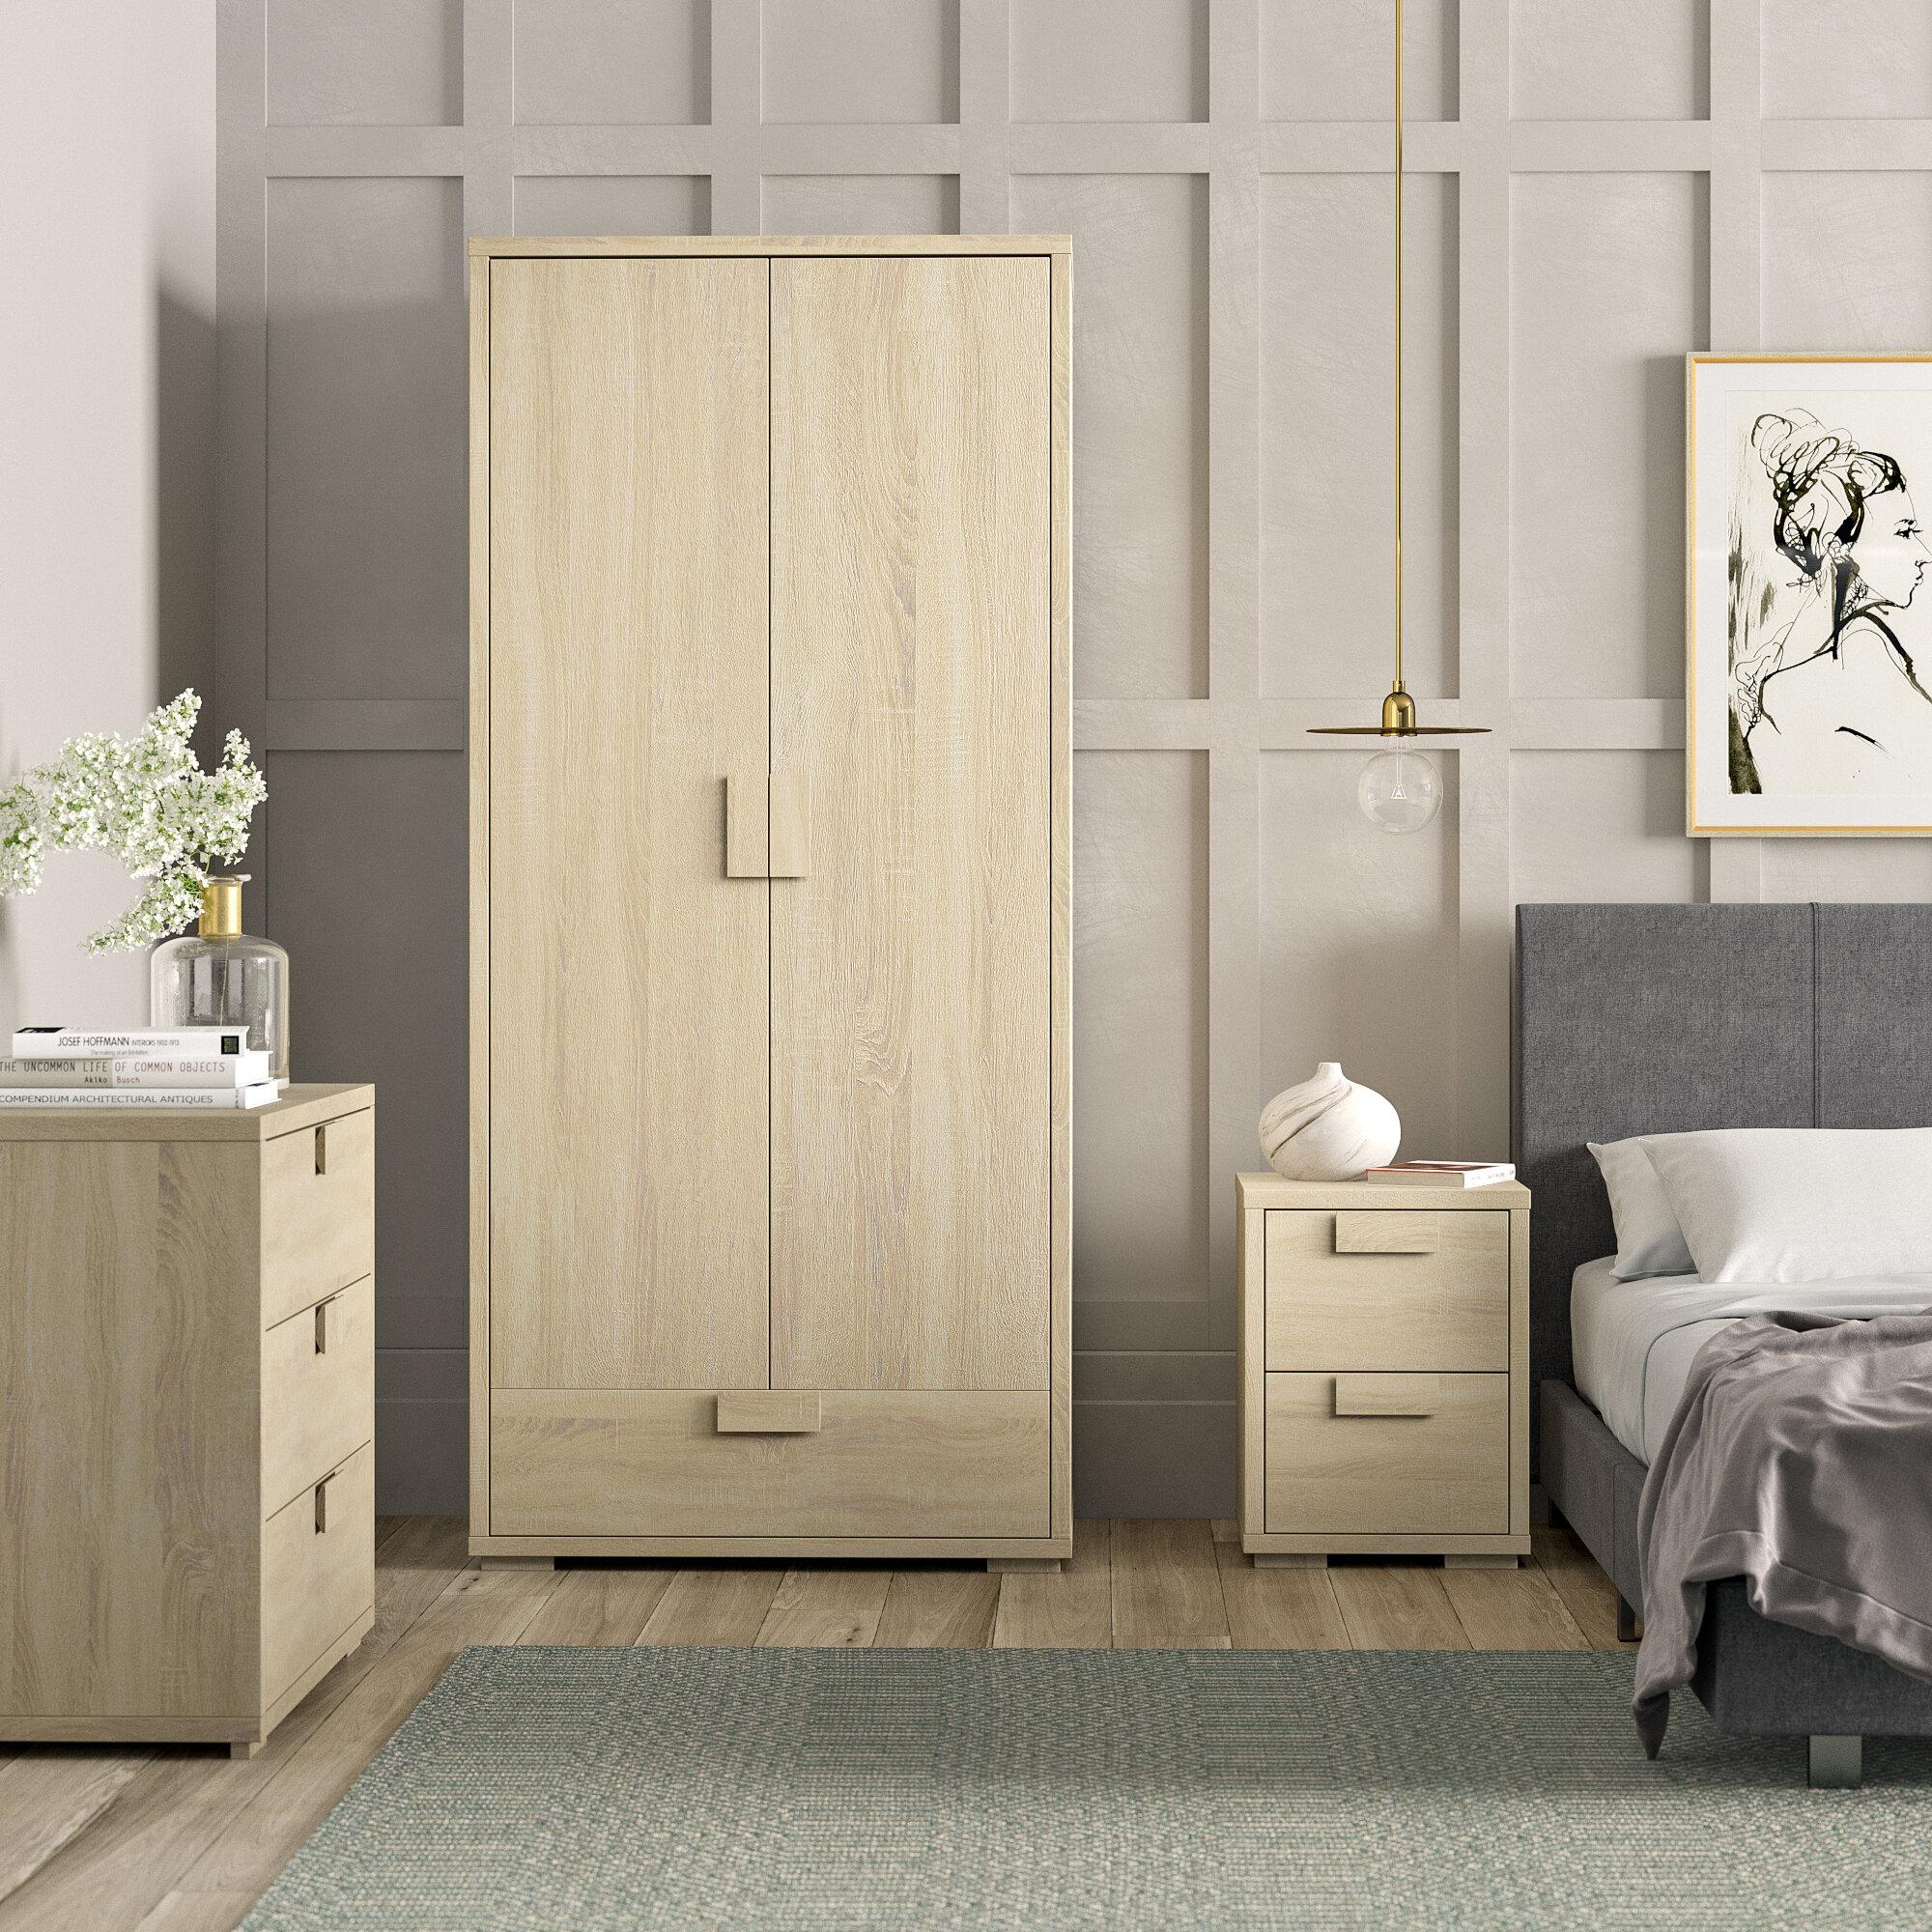 Cambourne 5 Piece Bedroom Set